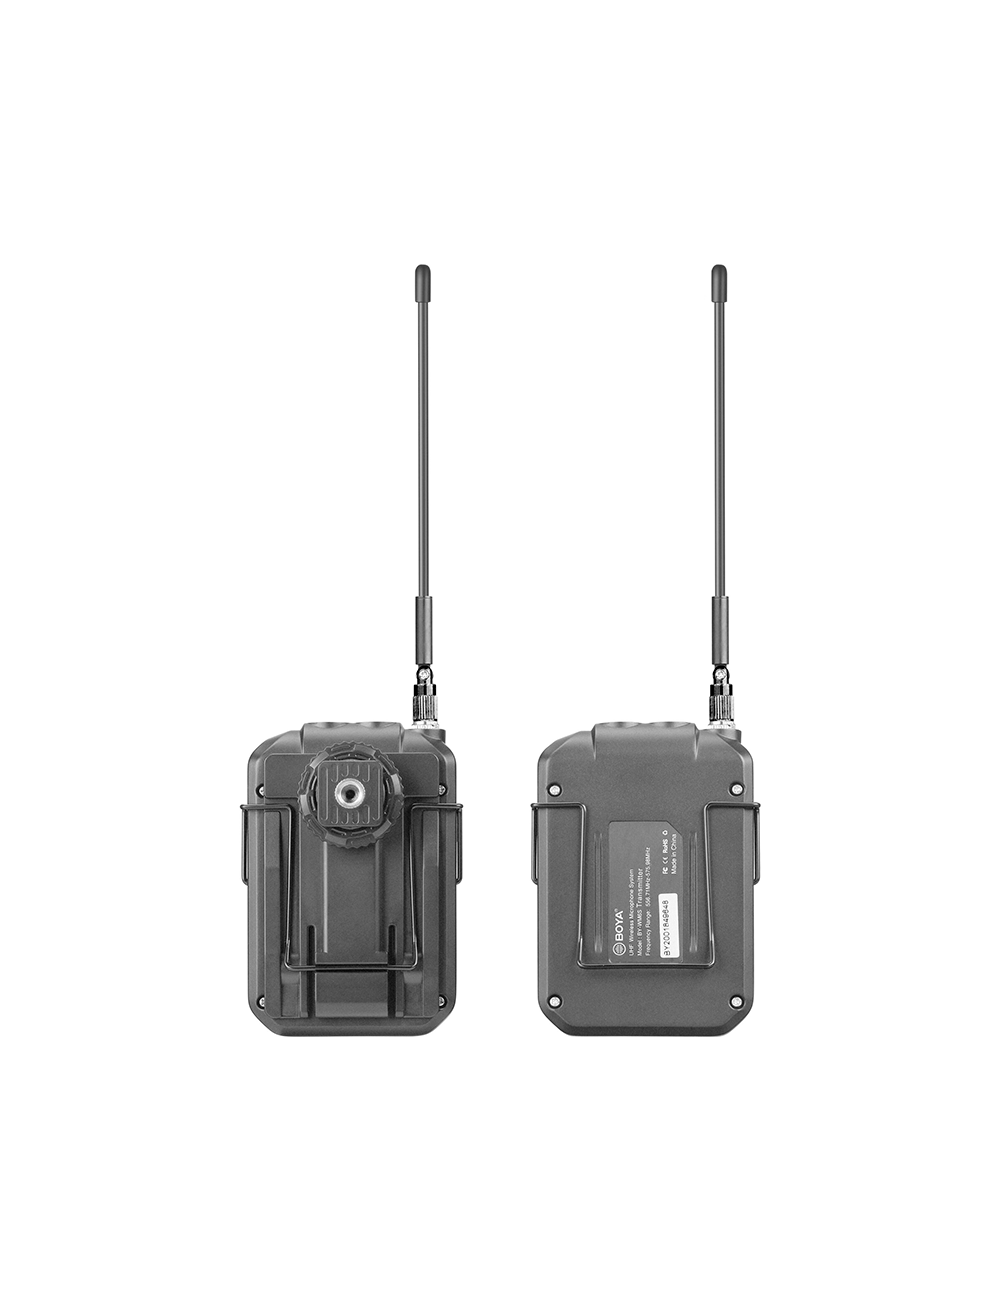 Pinza Para Fondos y Accesorios Con Mini Cabezal de Bola E-image EI-A06